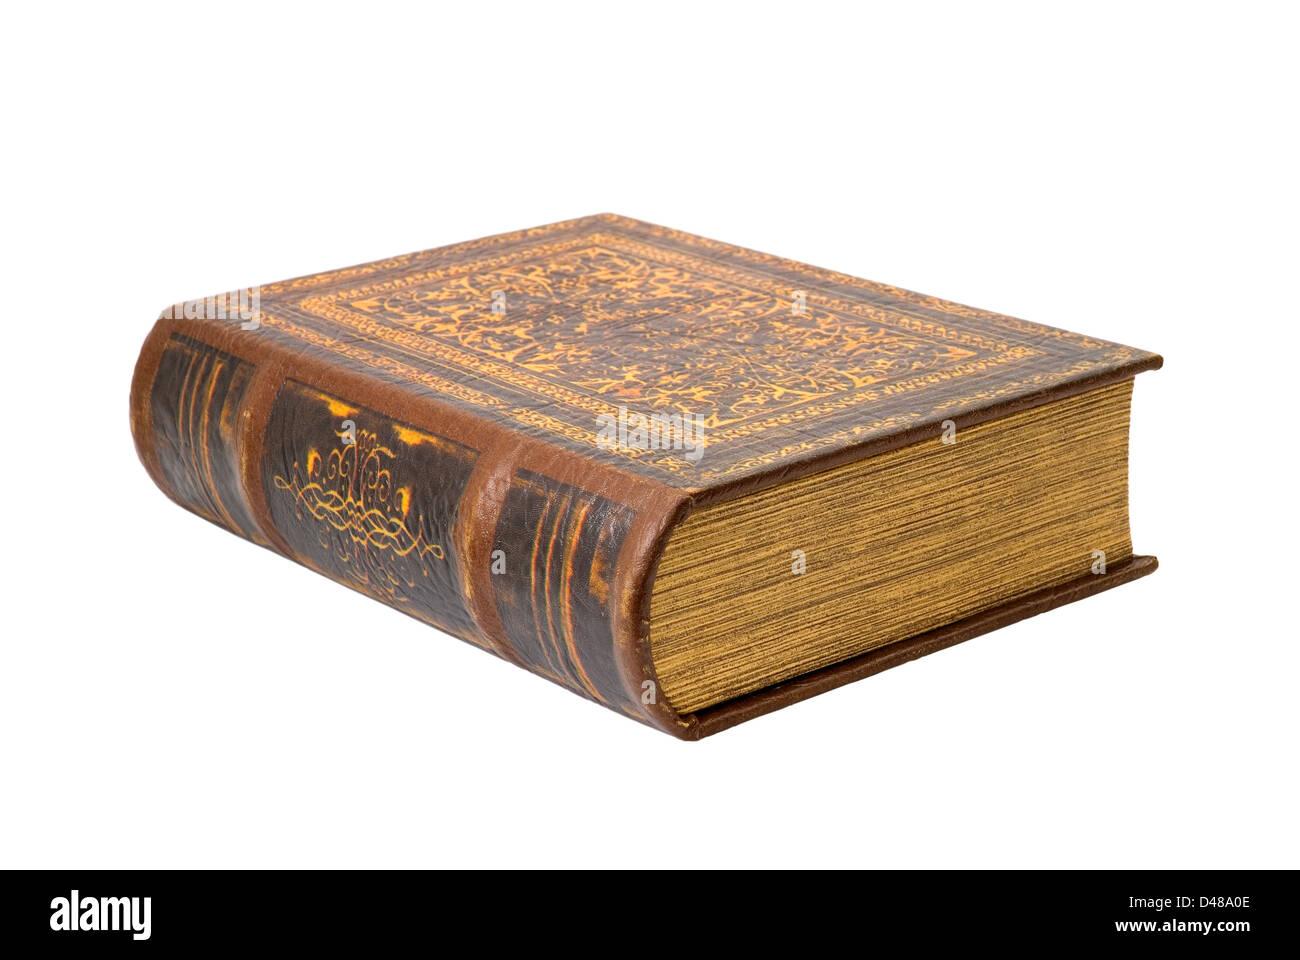 Antiguo libro es fotografiado en el fondo blanco. Imagen De Stock